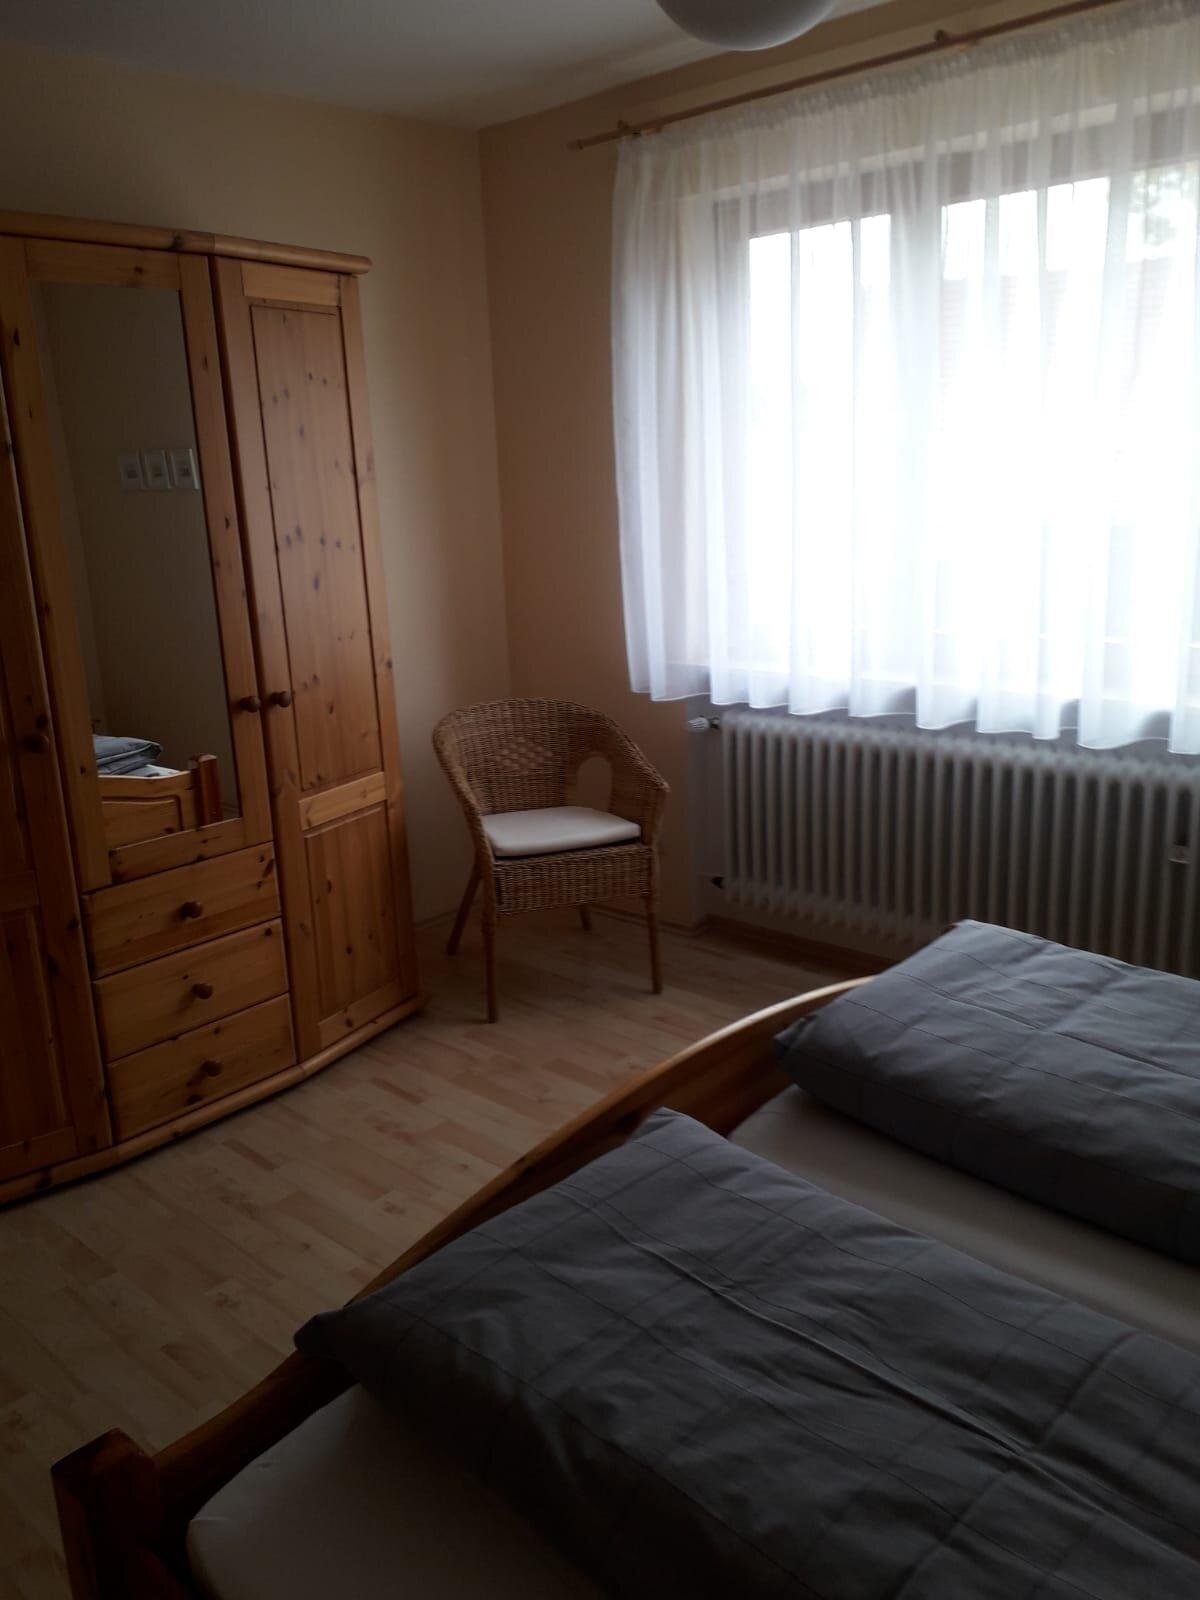 Wohnzimmer als Schlafzimmer